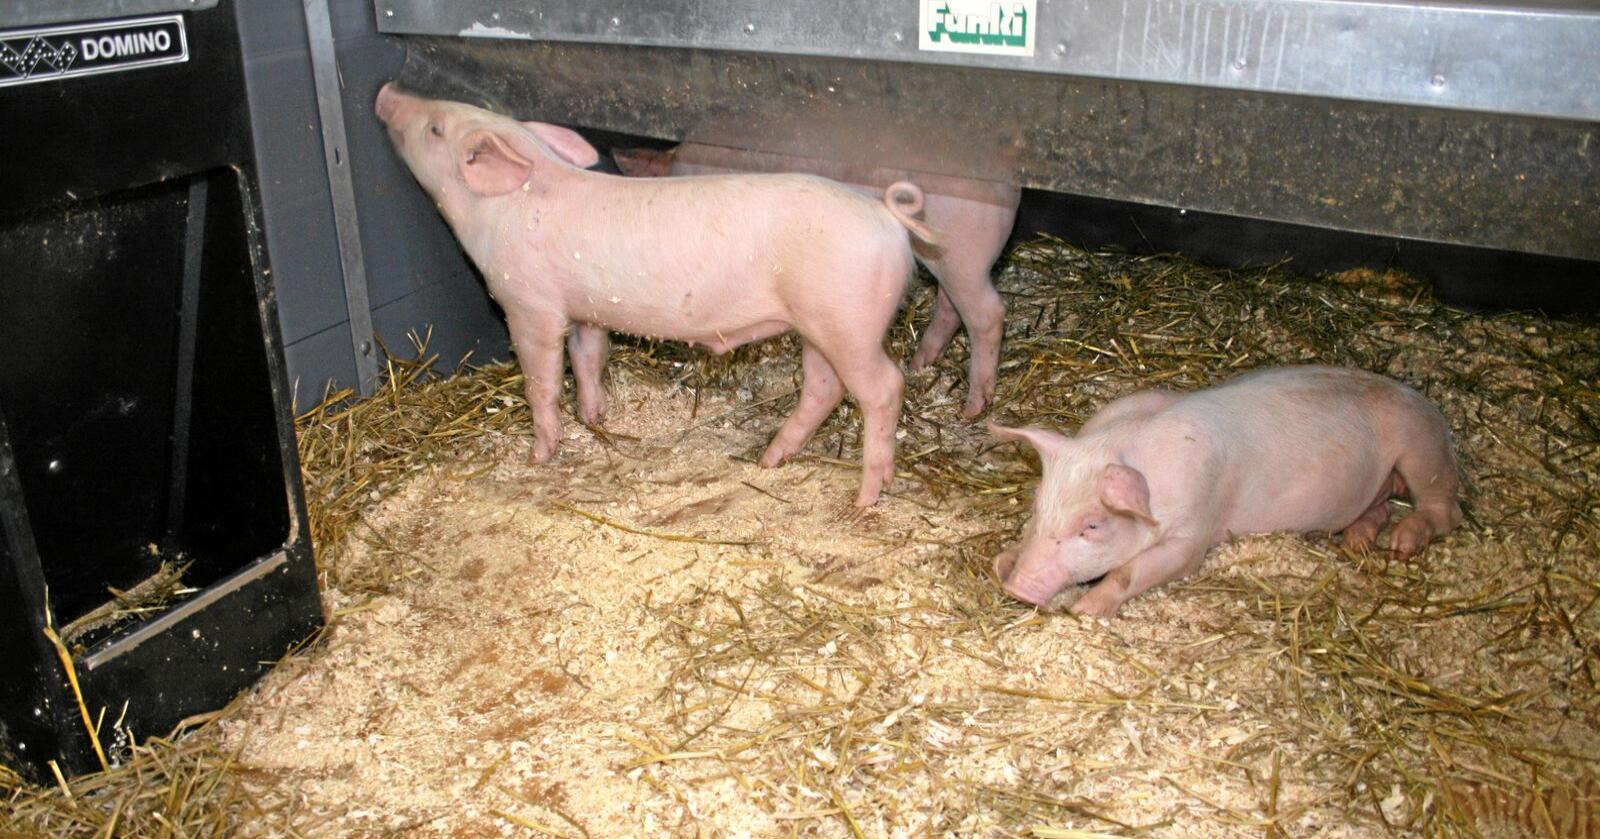 Avgiftskutt: Nortura går inn for å redusere omsetningsavgifta med 20 øre per kilo for både svin, storfe og lam i andre halvår. Redusert grensehandel og betre balanse i marknaden spelar inn. Foto: Bjarne Bekkeheien Aase